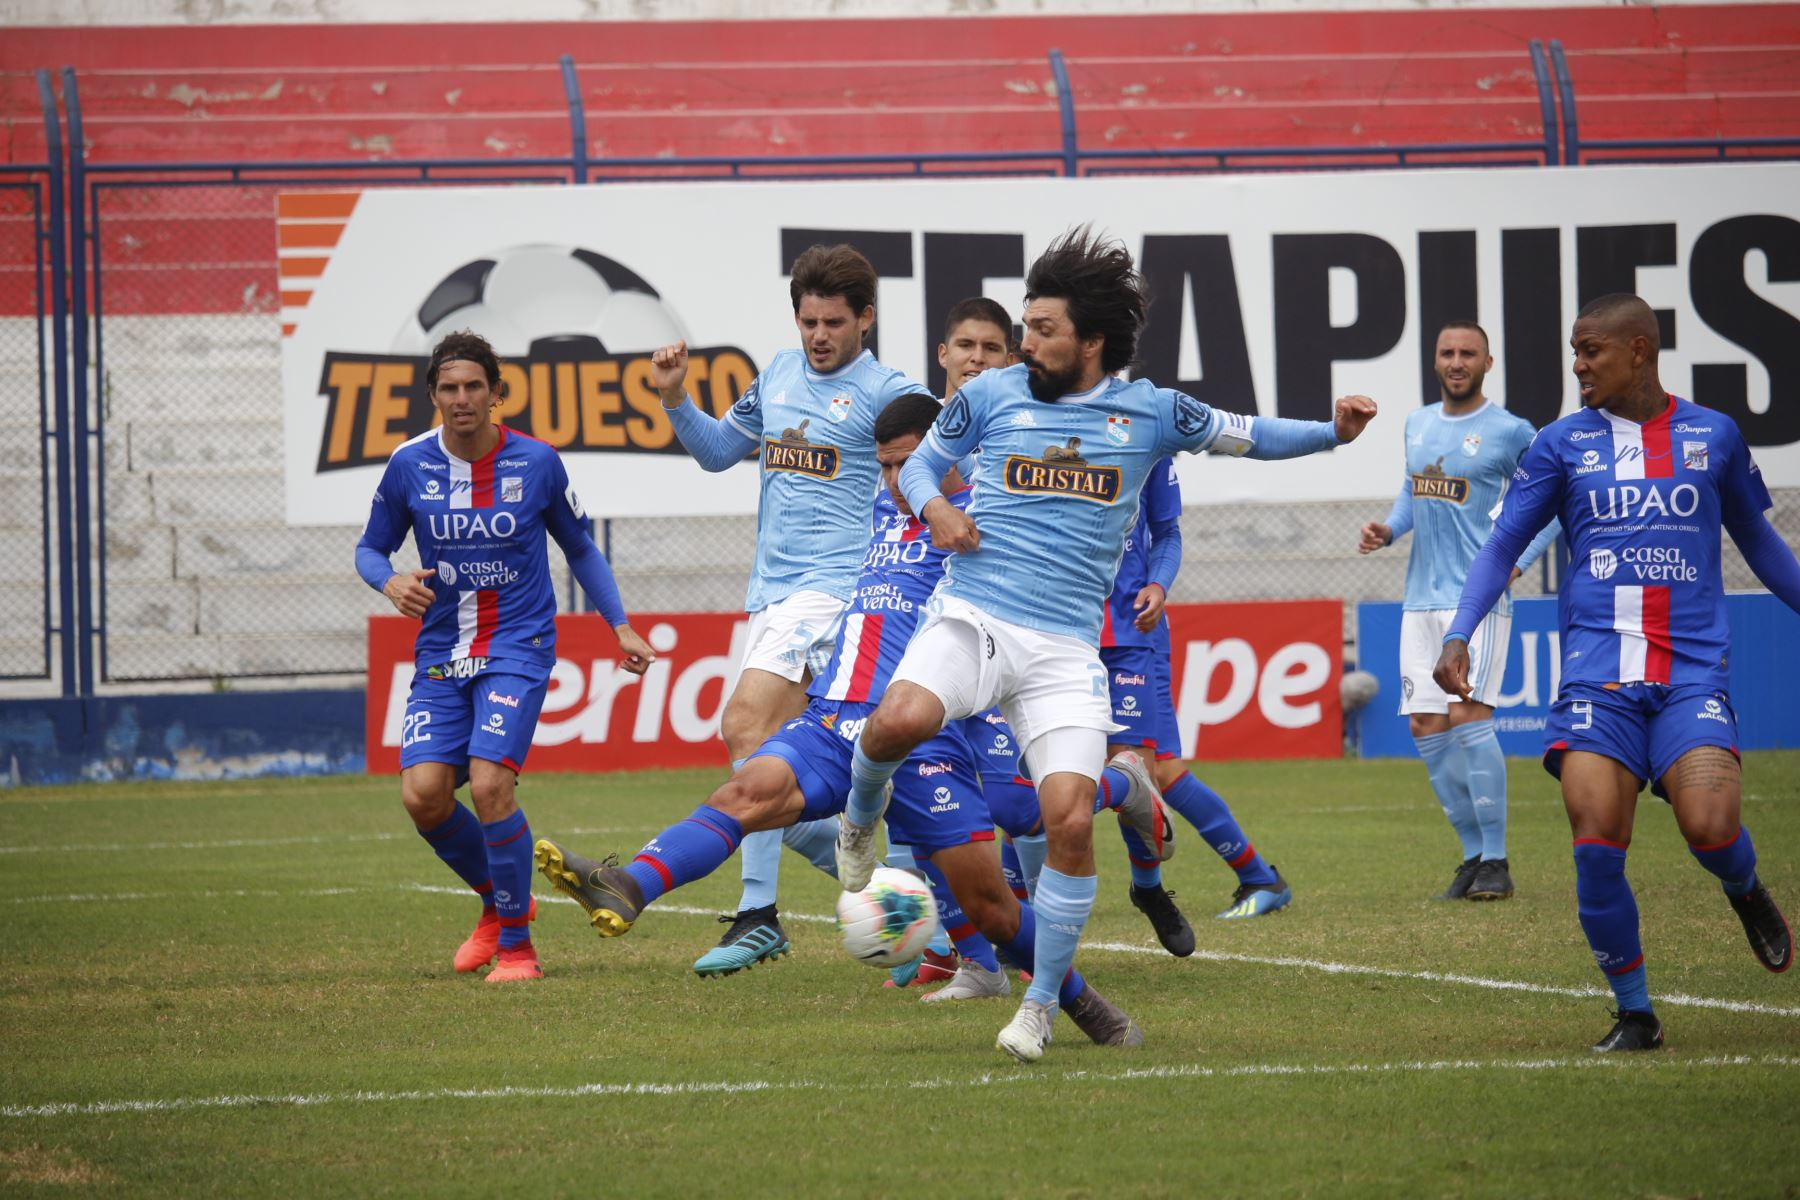 El futbolista Jorge Cazulo de Sporting Cristal  intenta marcar hacia la portería de Carlos Manucci por la fecha 15 de la Liga 1, en el estadio Iván Elías Moreno. Foto: @LigaFutProf